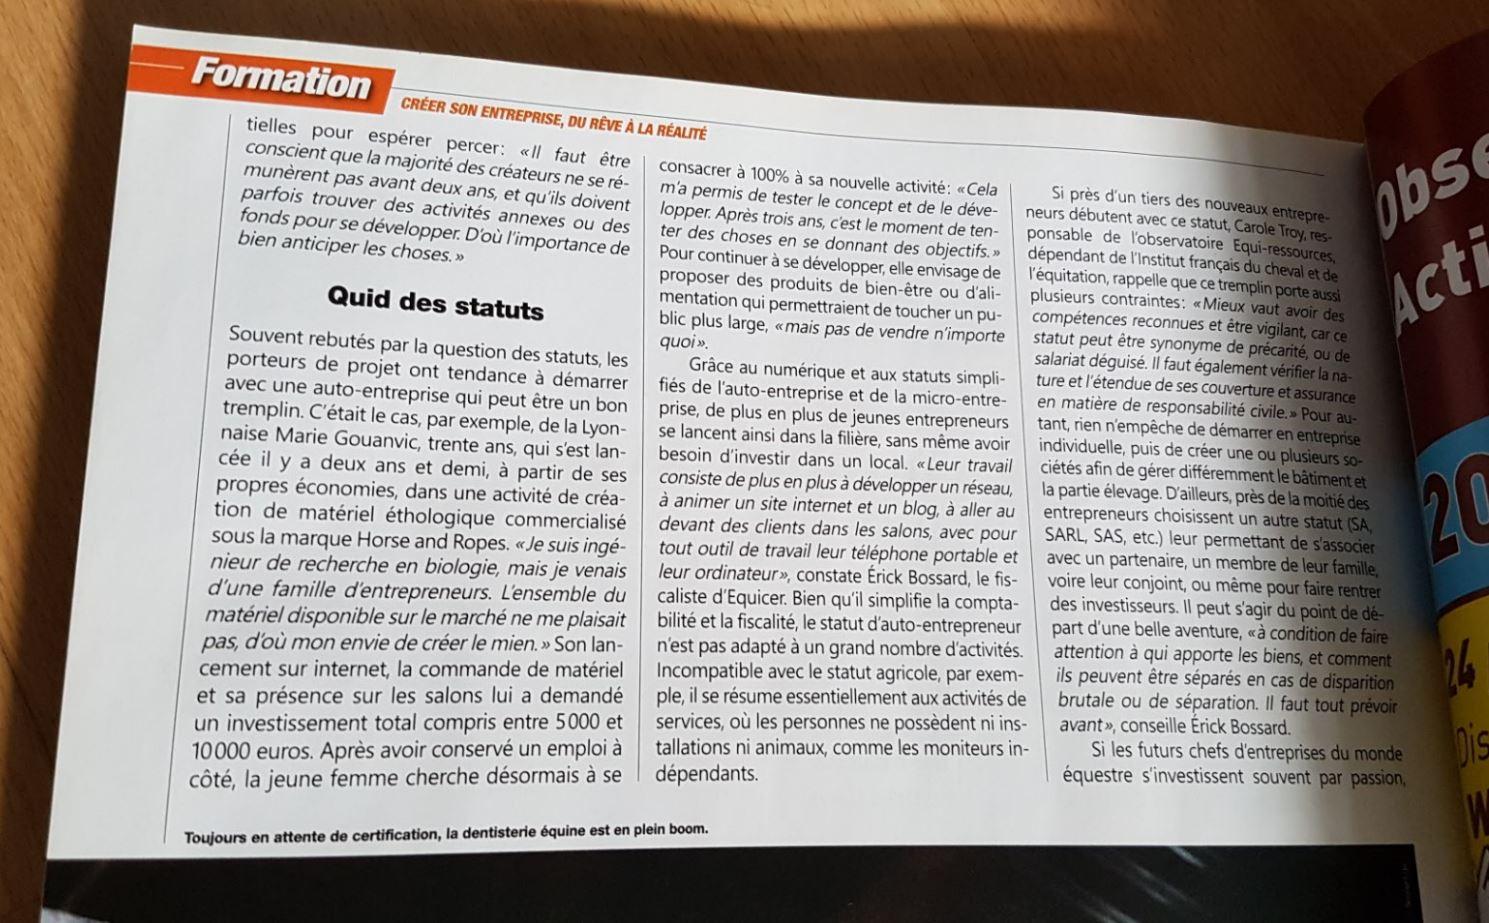 Article dans le journal Grand prix magazine